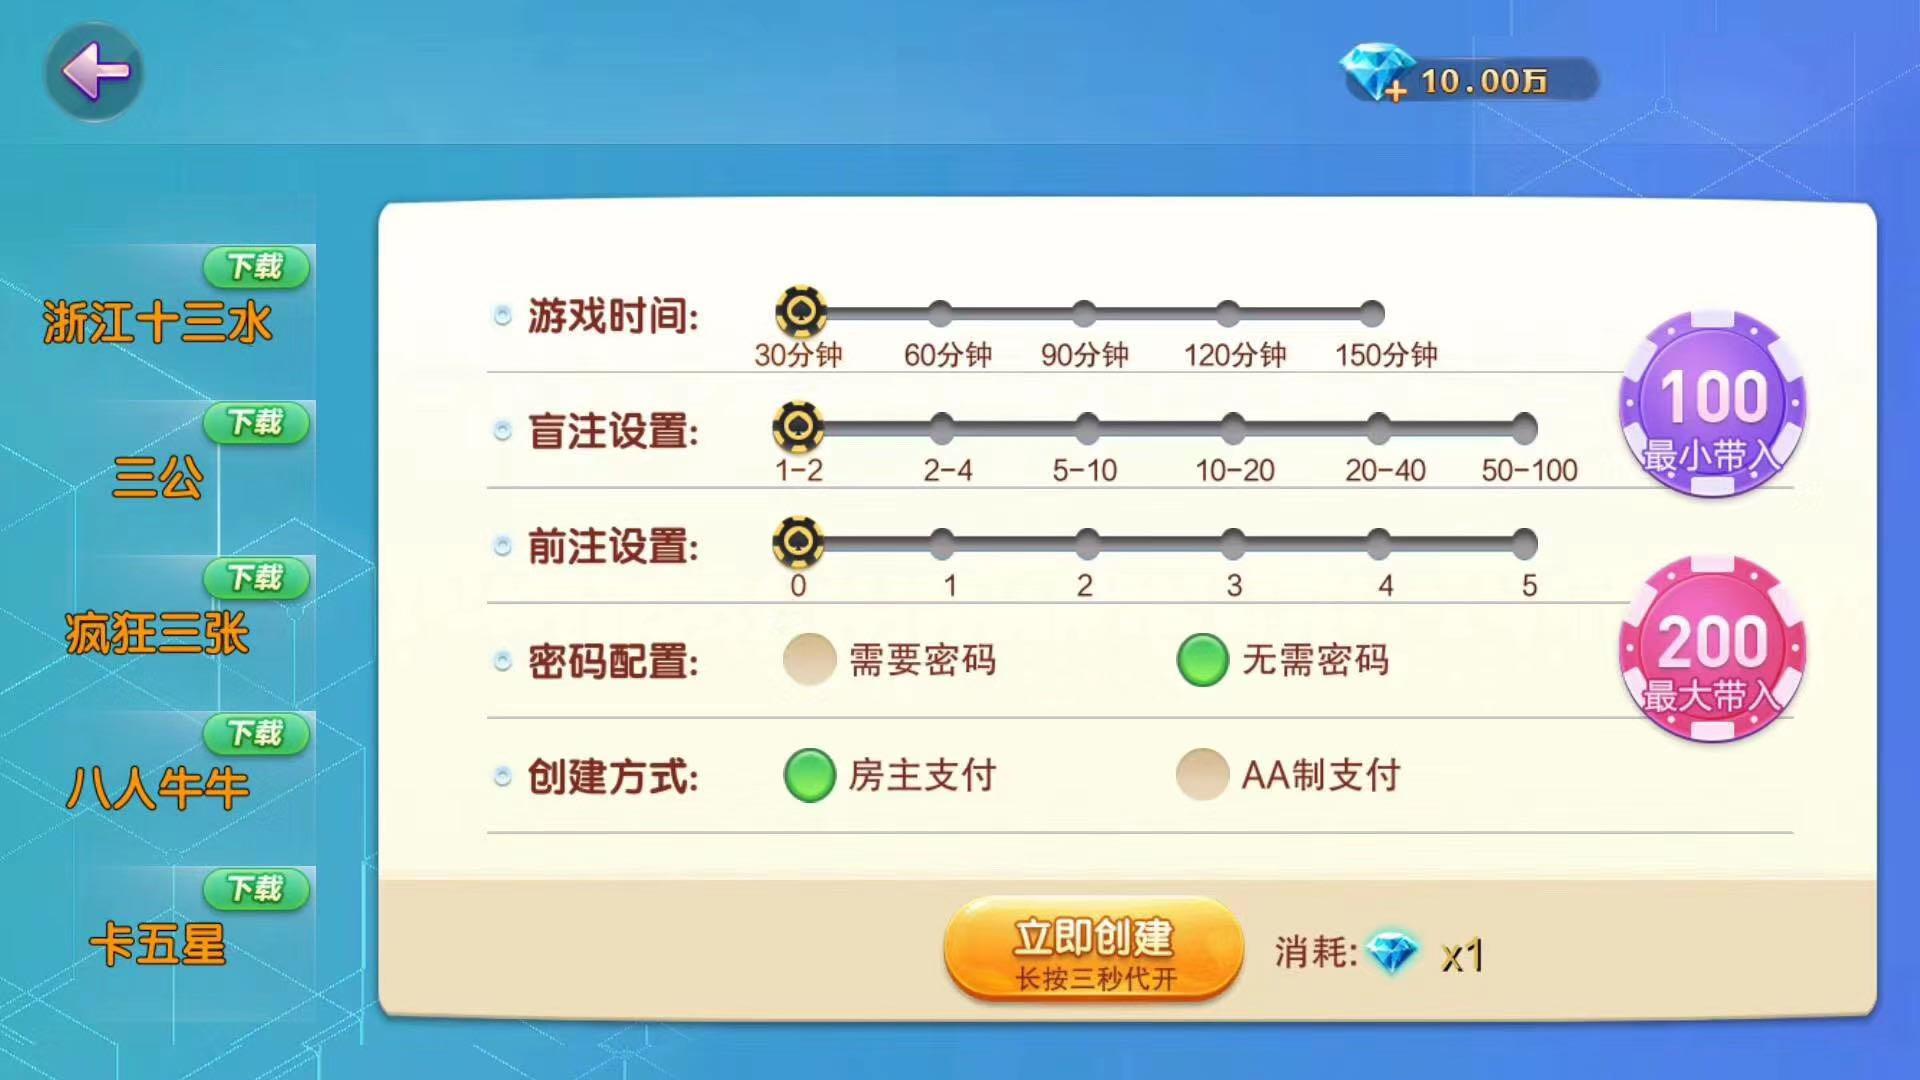 网狐畅游大联盟源码+部署教程视频-第4张